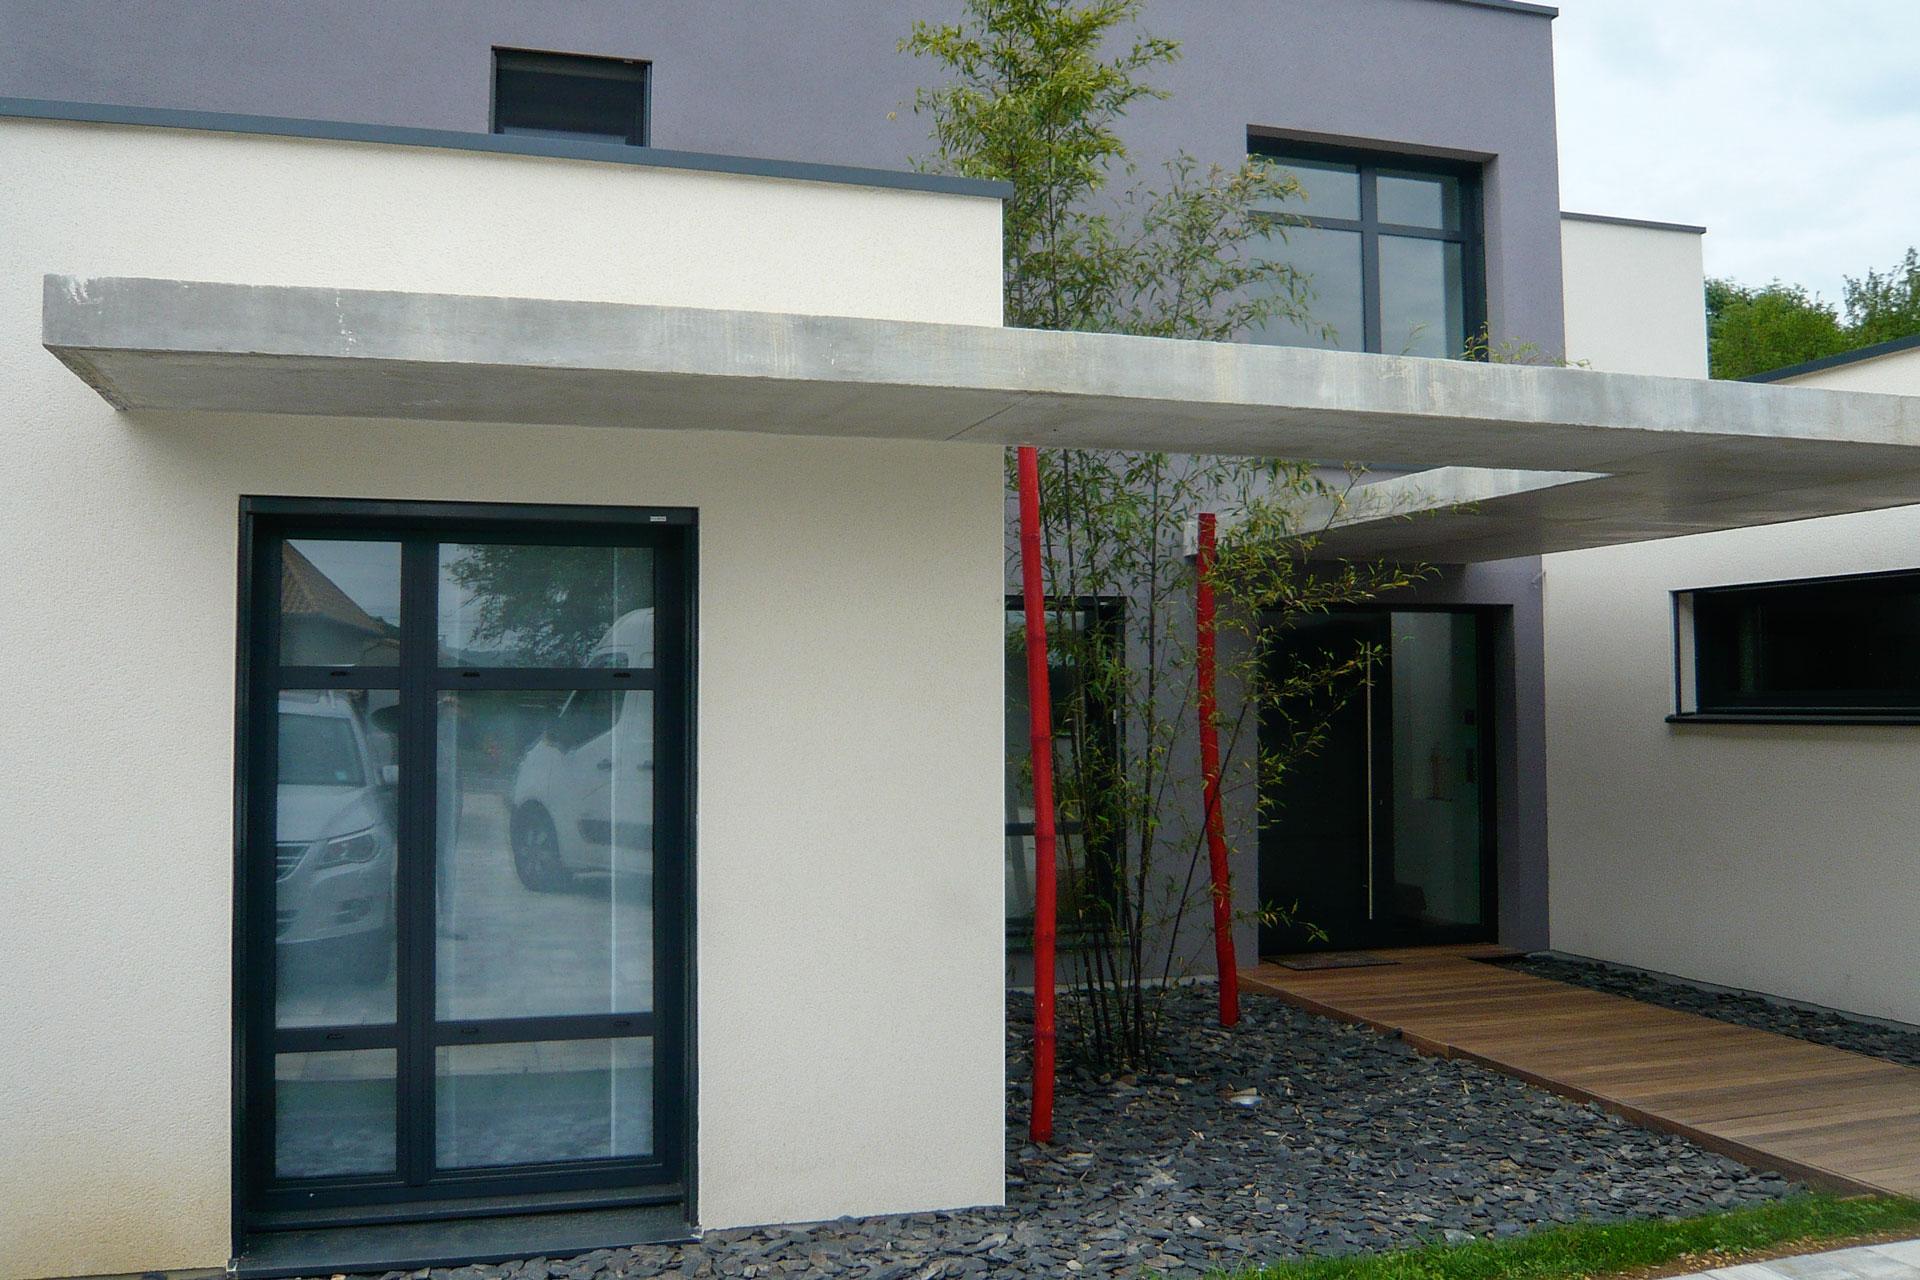 Maison contemporaine 07 18 for Maison moderne nancy